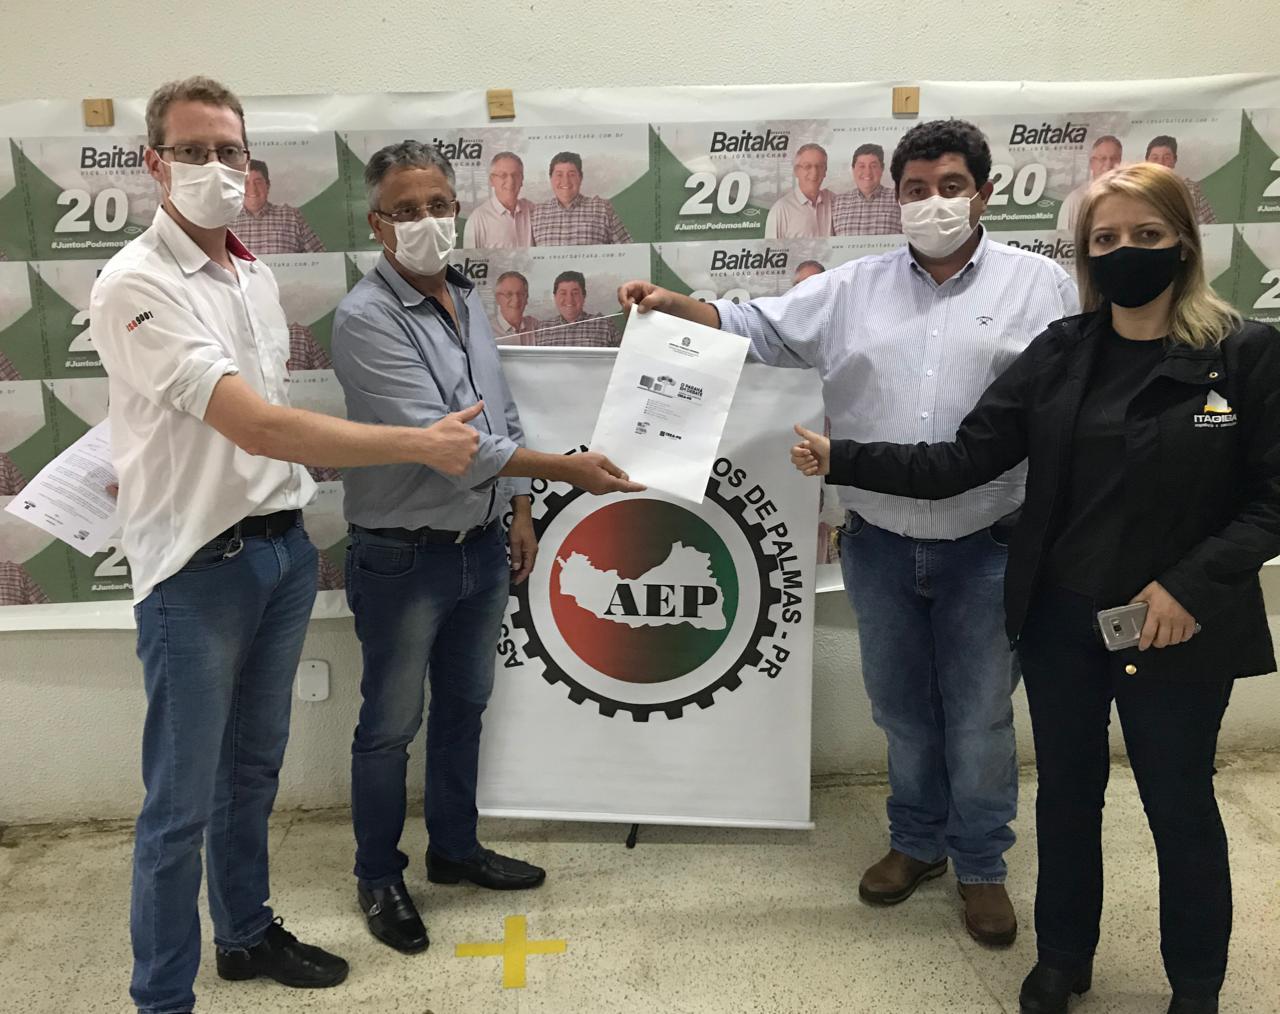 Pato Branco - Em Palmas, todos os candidatos a prefeito recebem os materiais da Agenda Parlamentar